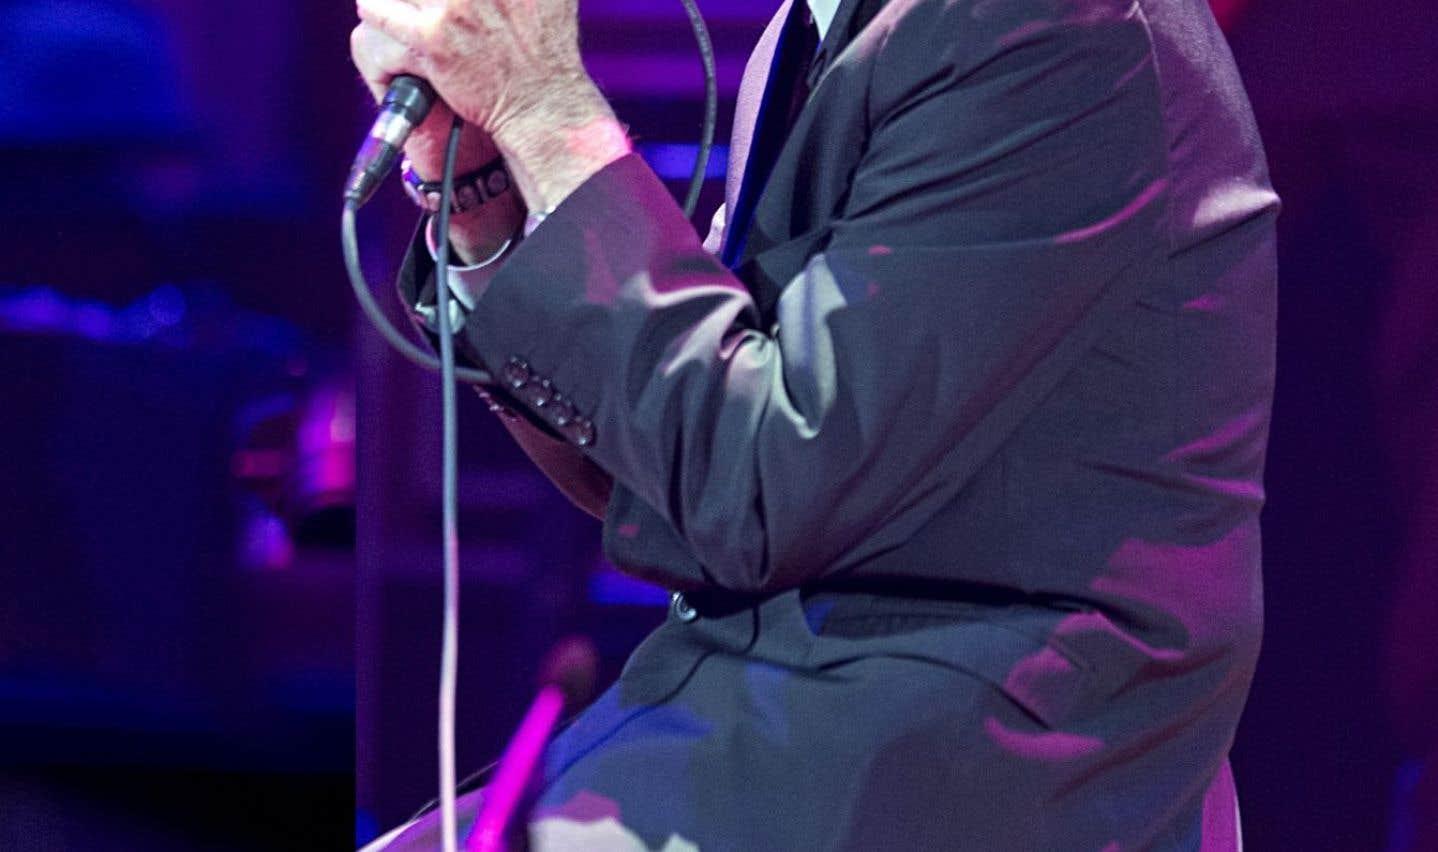 Le décès de Leonard Cohen a causé un véritable séisme sur la planète-musique. Il est photographié ici à Montréal lors d'un concert qu'il a donné au Centre Bell en novembre 2012.